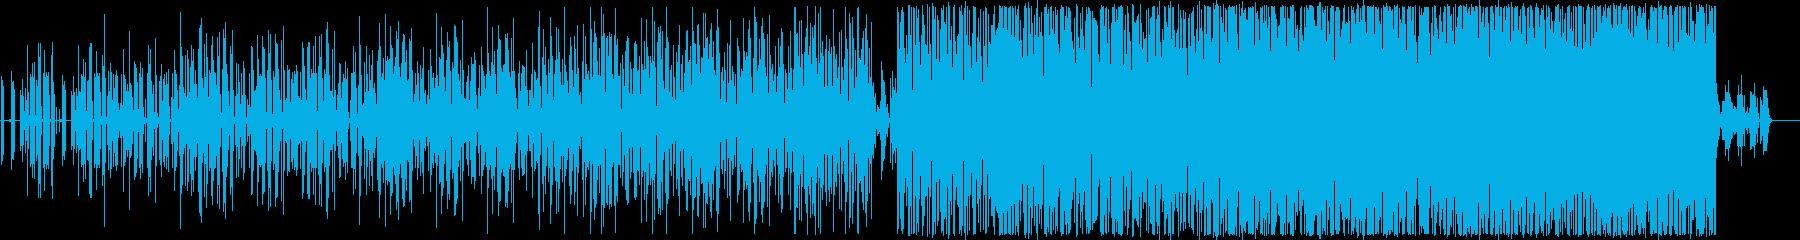 このユニークで抽象的な音楽は、電子...の再生済みの波形